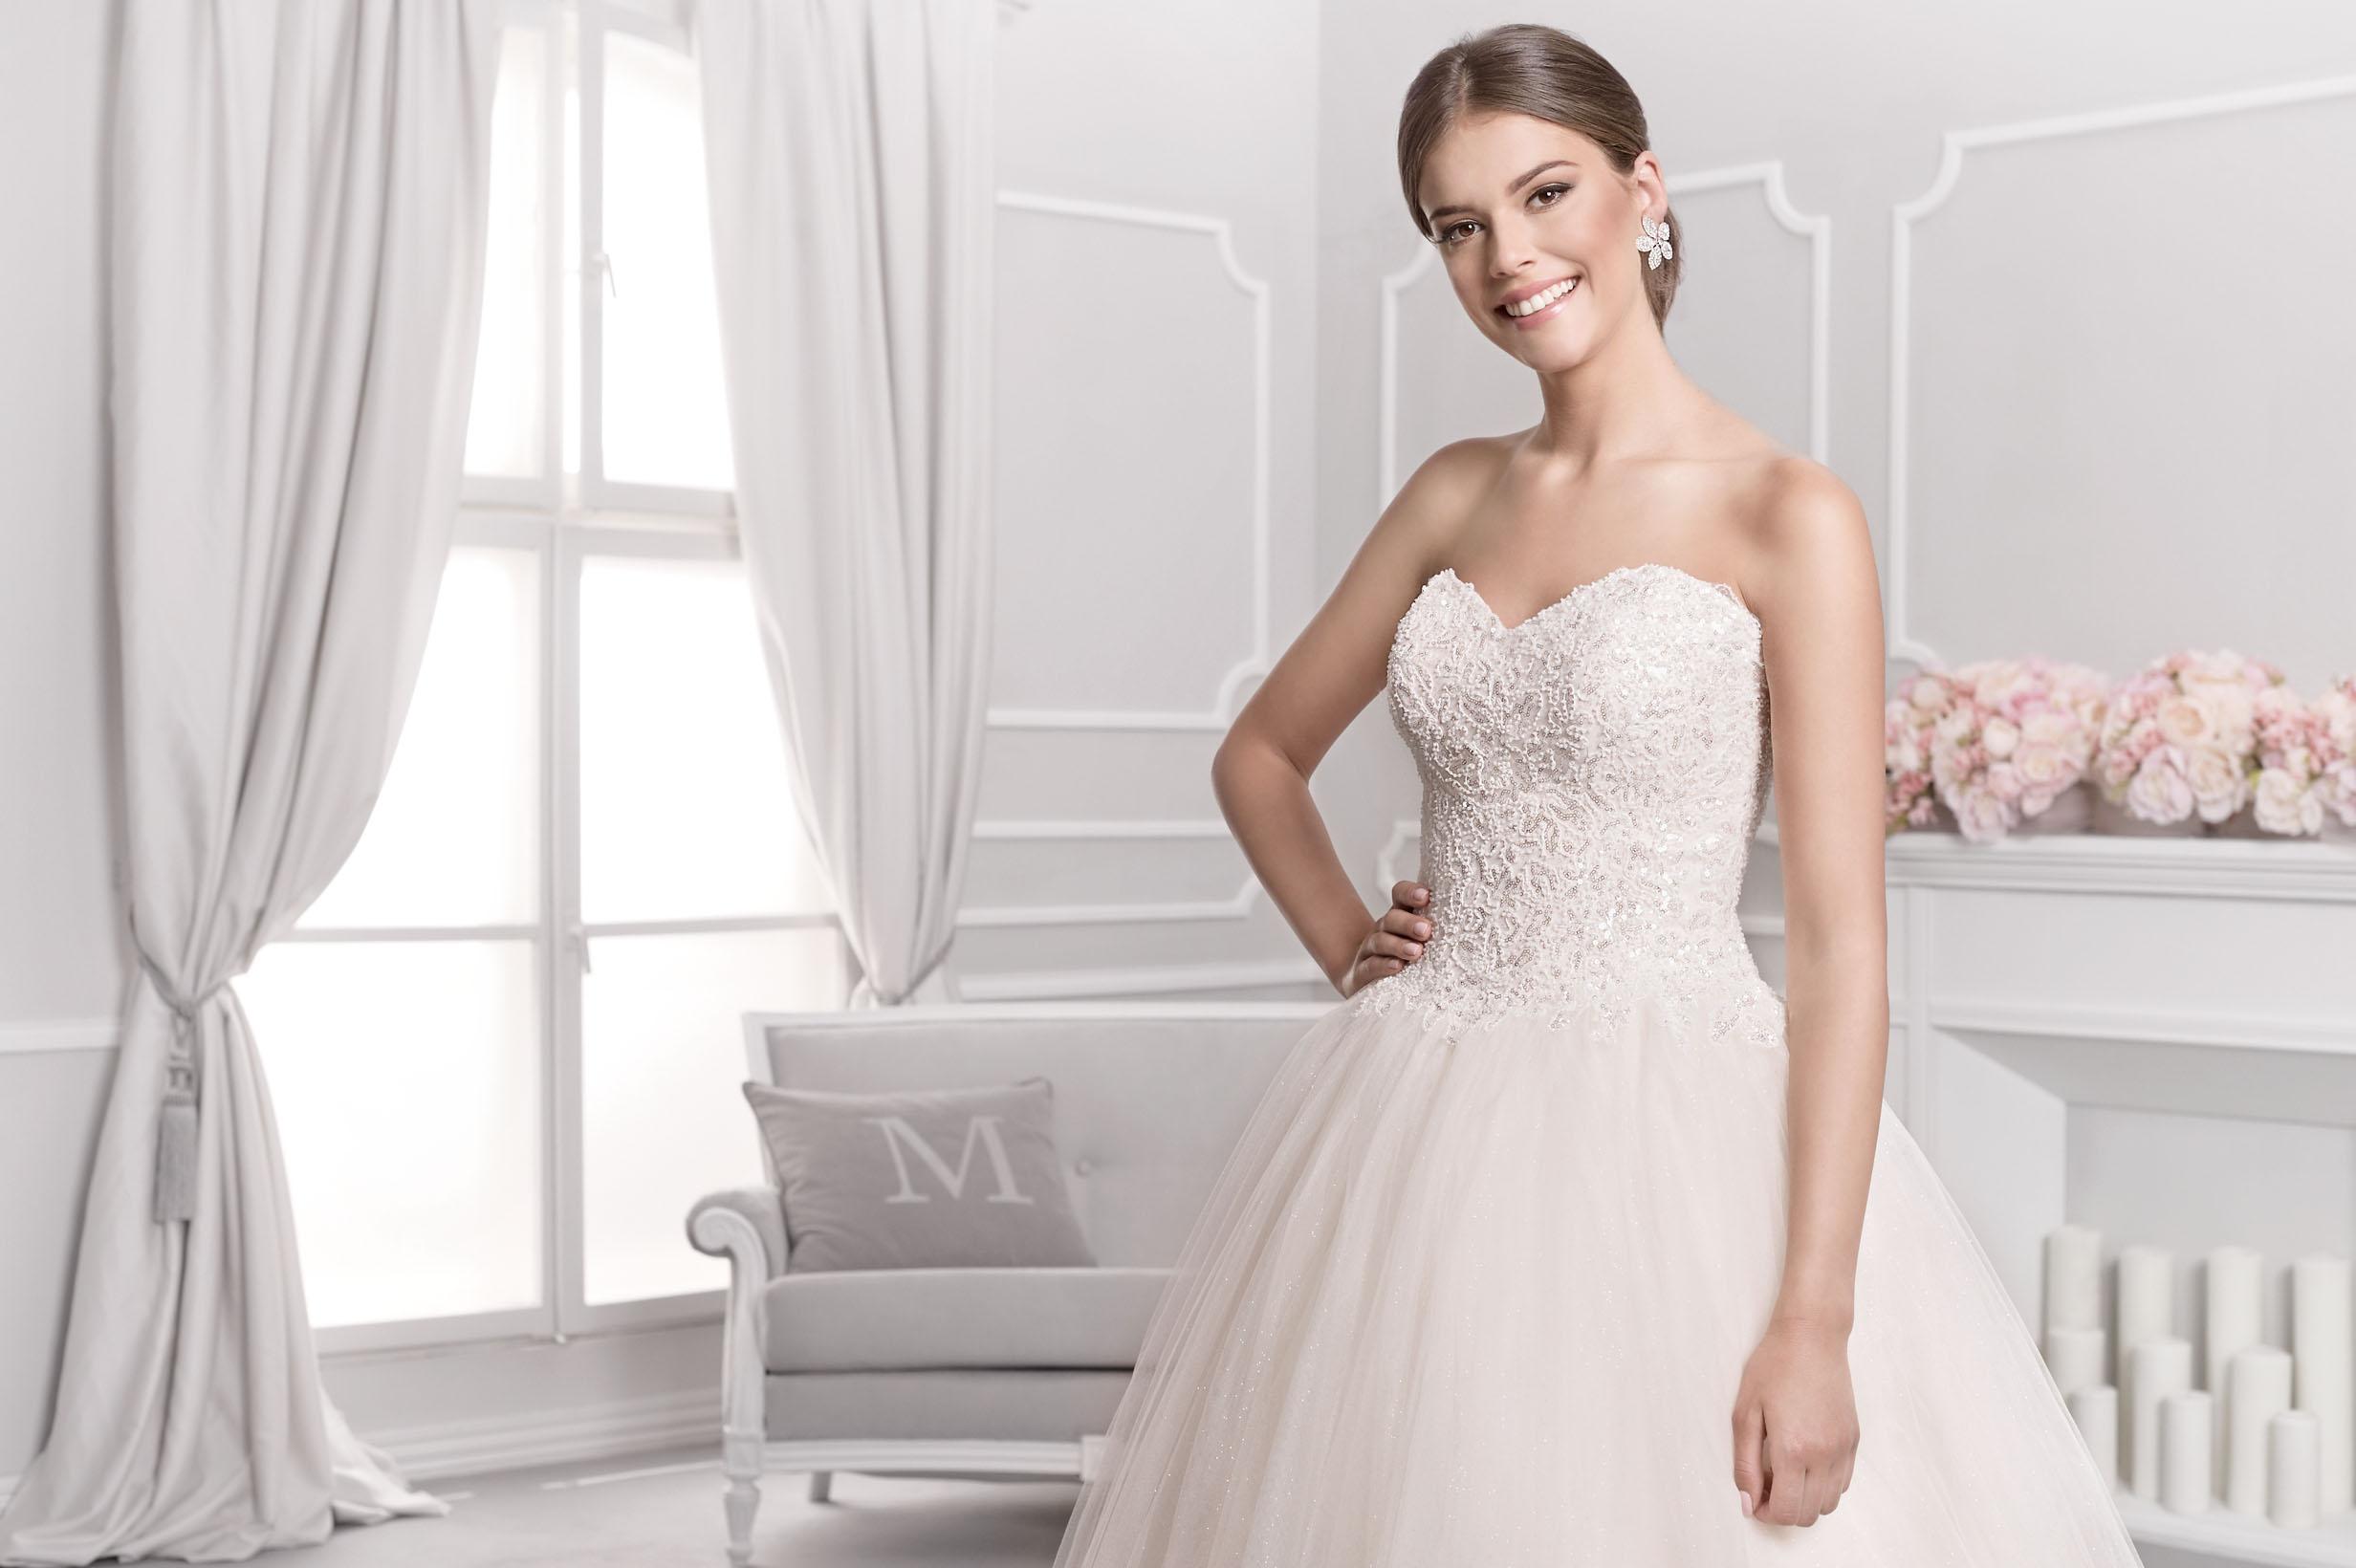 586ecefb2e Ekskluzywne suknie ślubne firmy Agnes Fashion Group już od 1 200 zł!